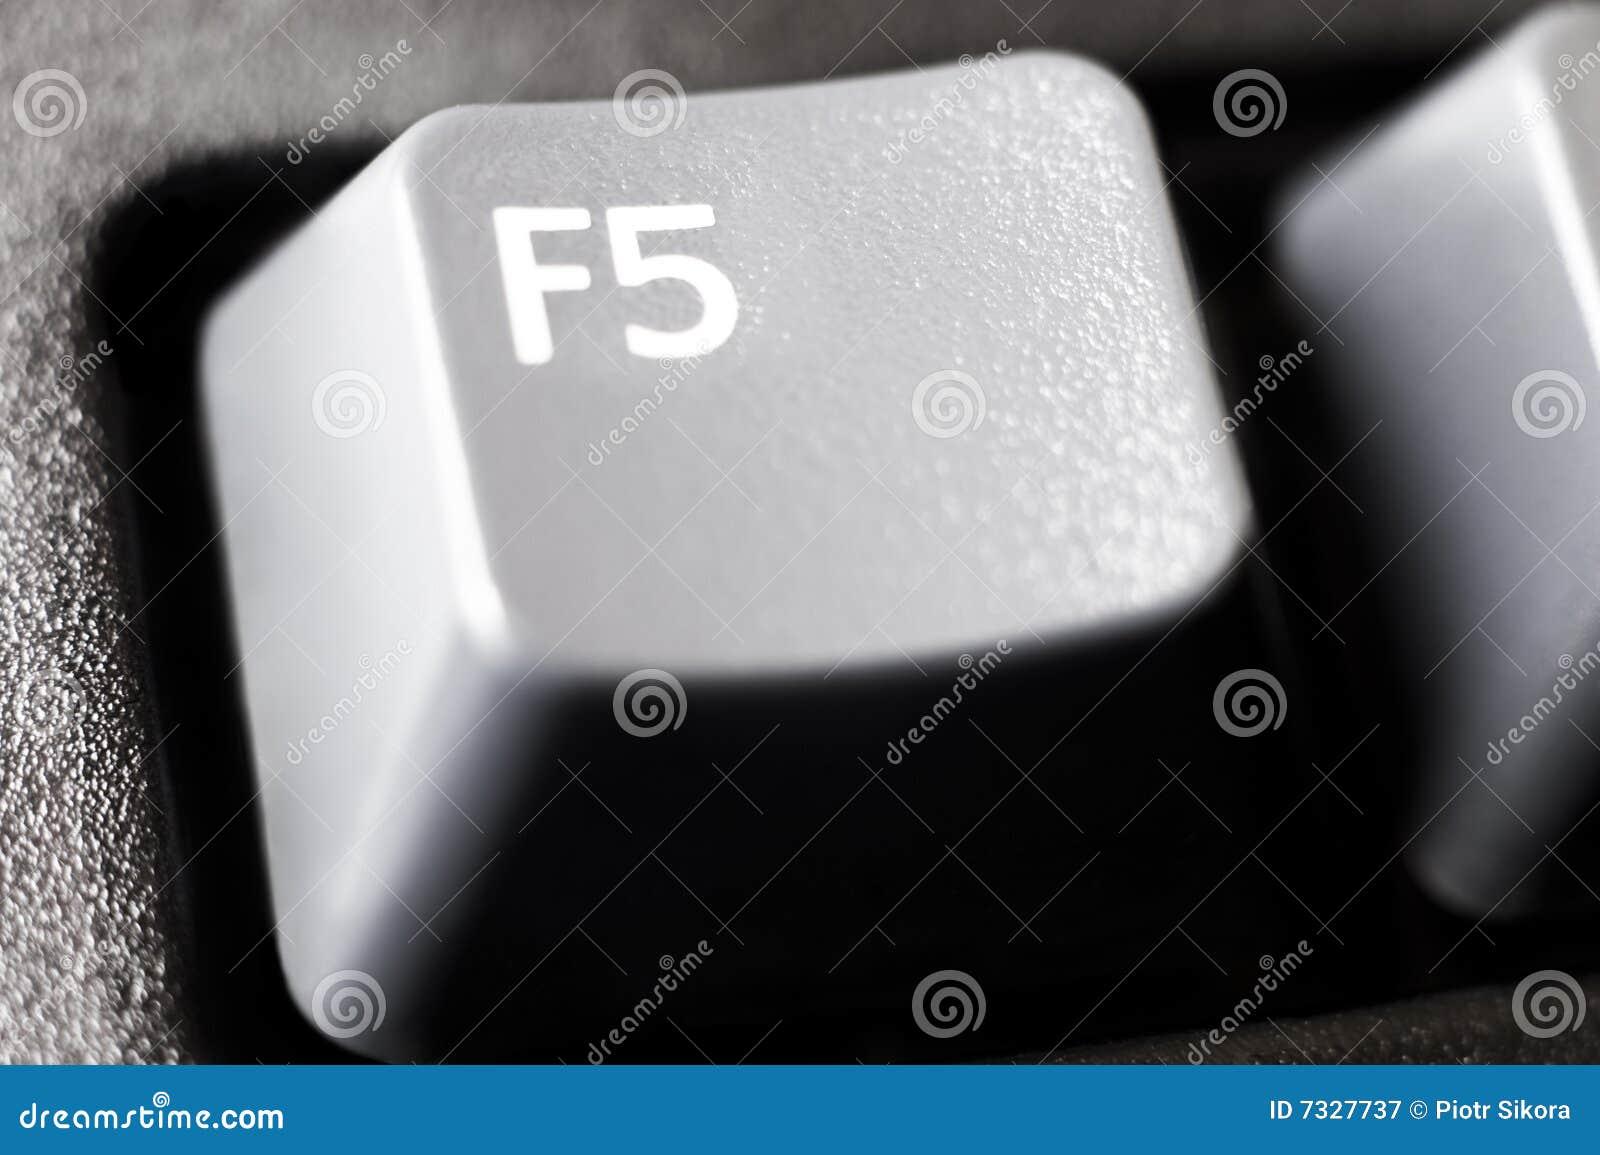 Taste F5